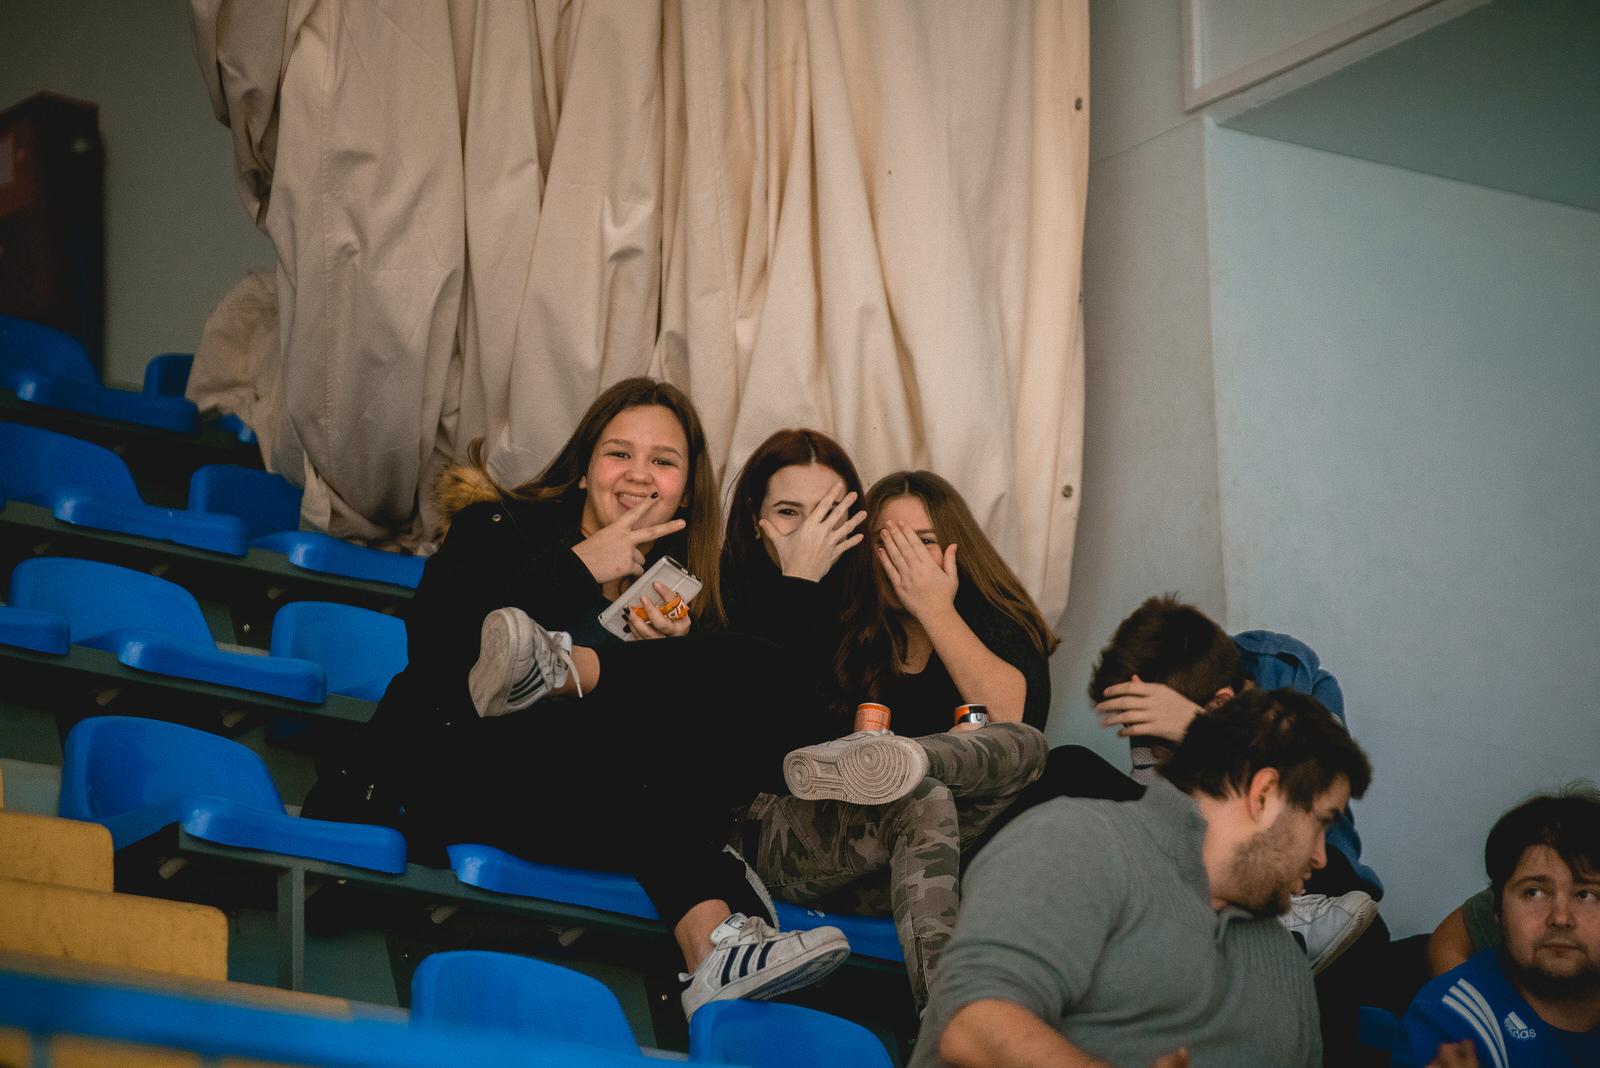 likaclub_gospić_zimski-malonogometni-turnir-2018-19-35